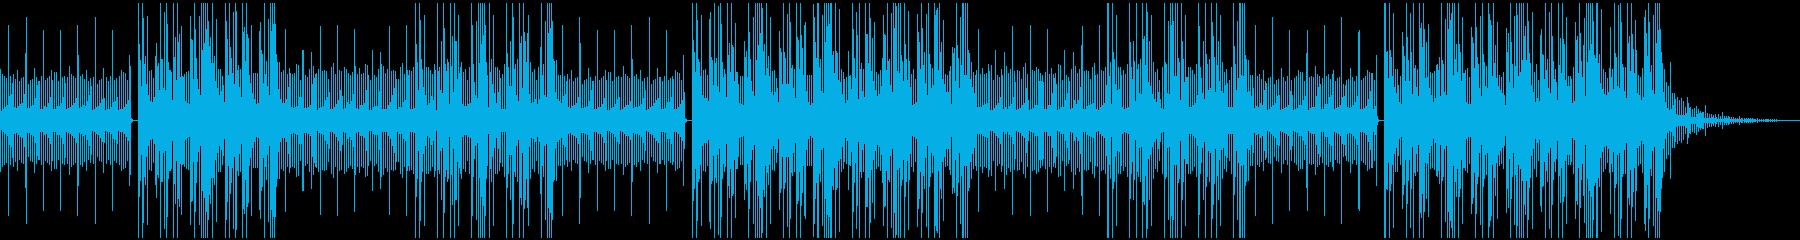 vlogかわいいおしゃれhiphopの曲の再生済みの波形